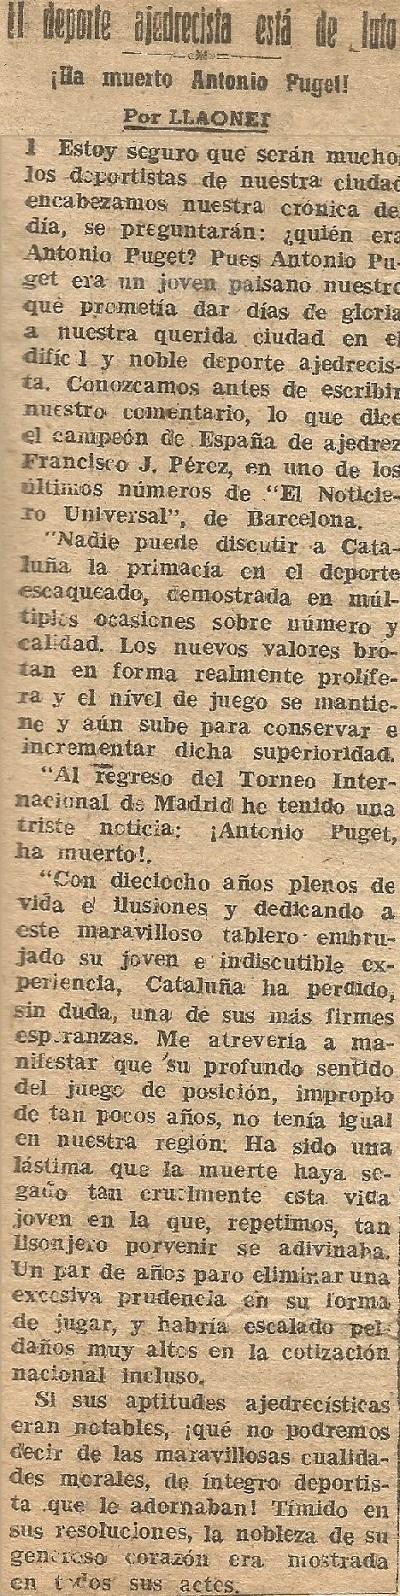 Recorte de prensa sobre Antoni Puget en Diario Español de Tarragona (1), 1959